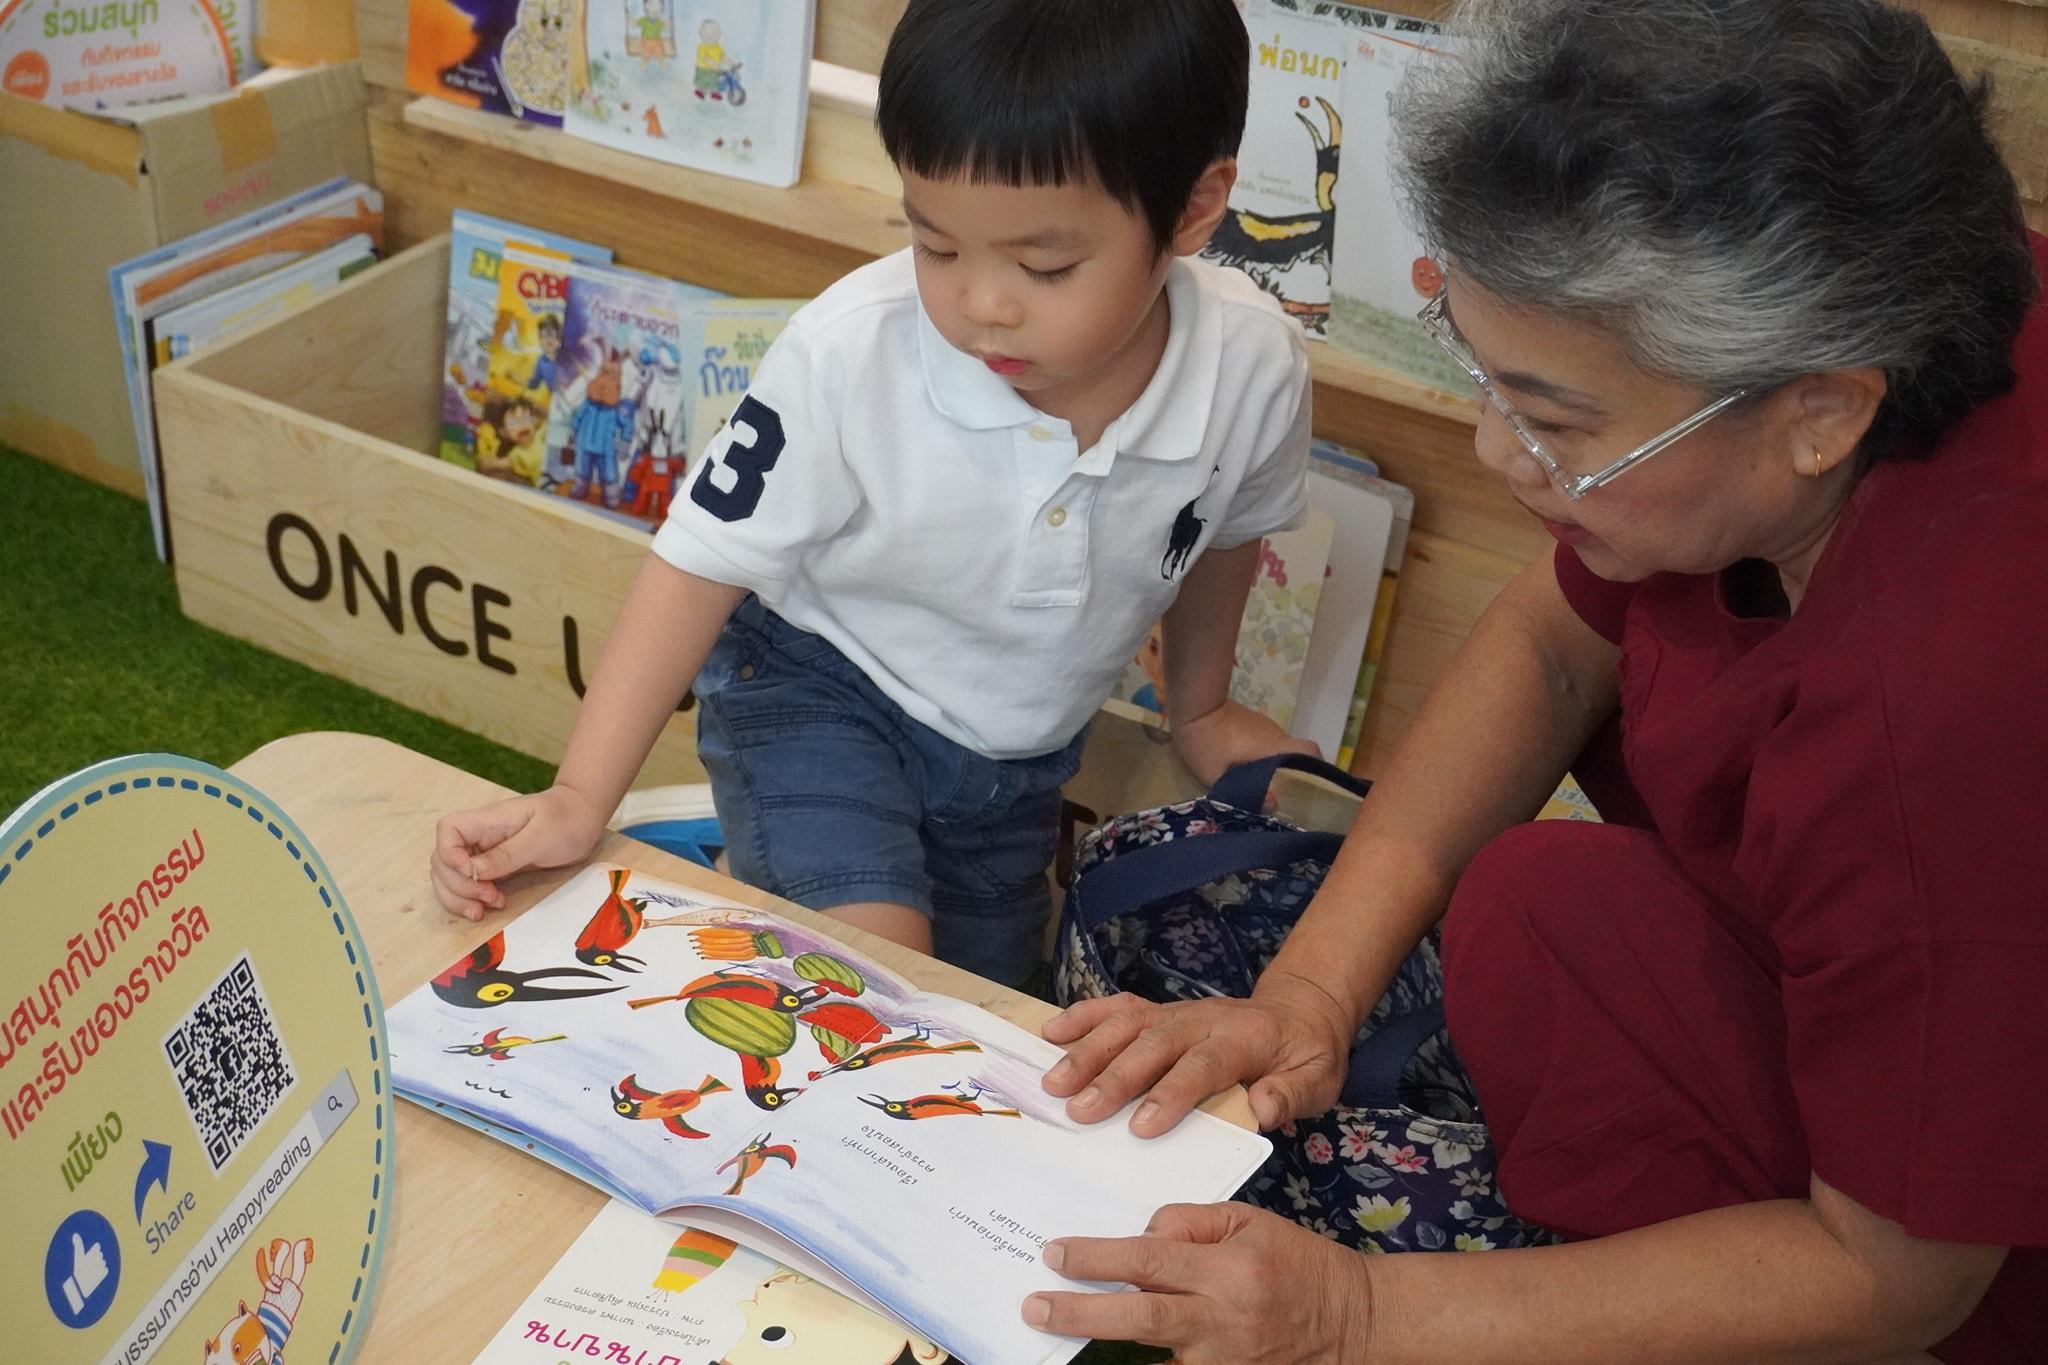 มหัศจรรย์แห่งการอ่าน เพื่อพัฒนาเด็กปฐมวัยด้วยหนังสือและการอ่าน thaihealth